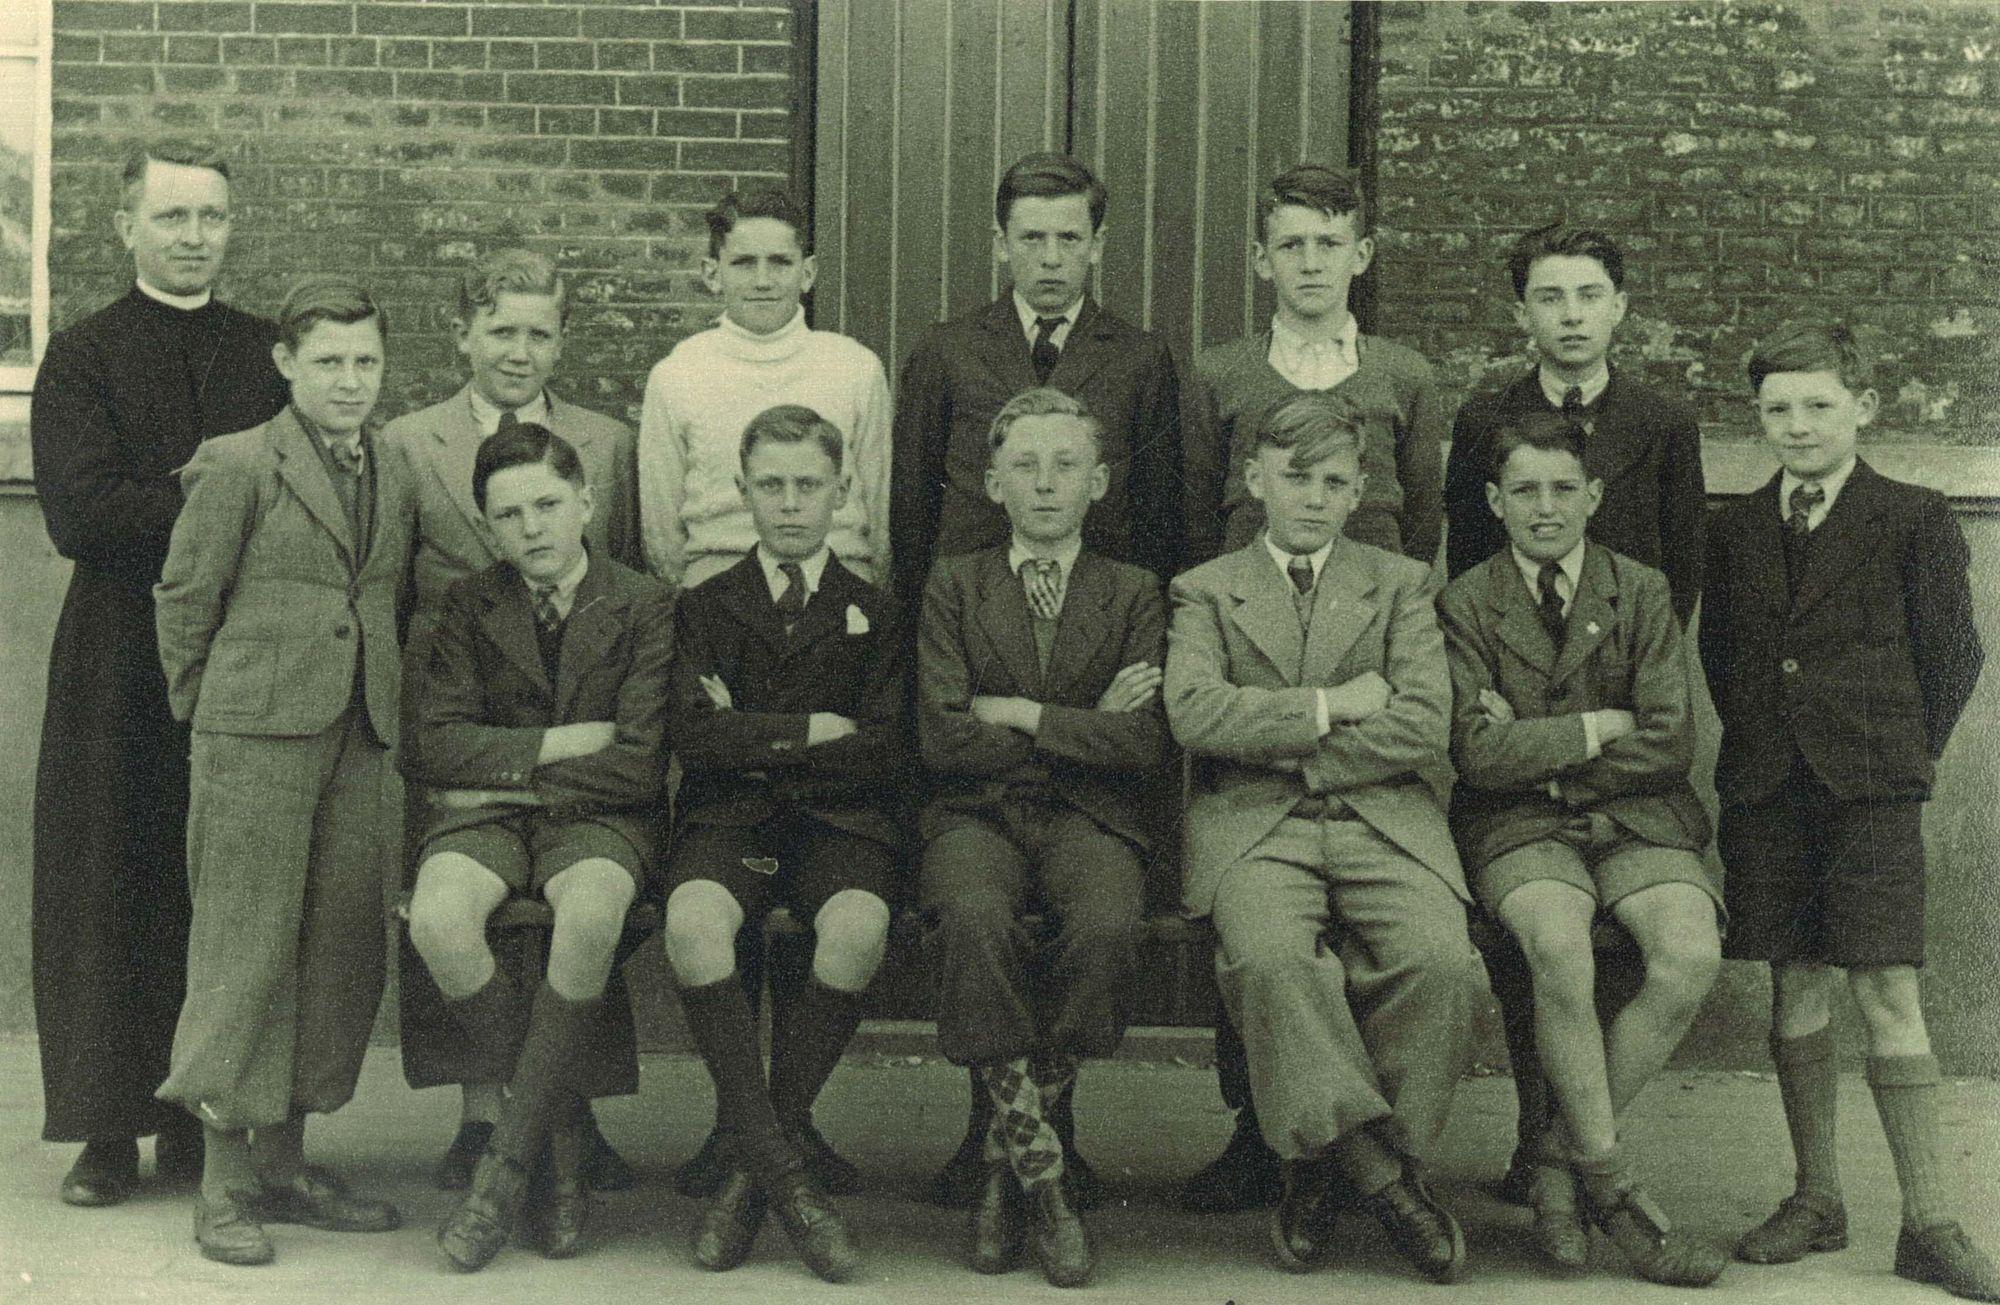 Broederschool Overleie, klasfoto van het 8ste leerjaar in 1947